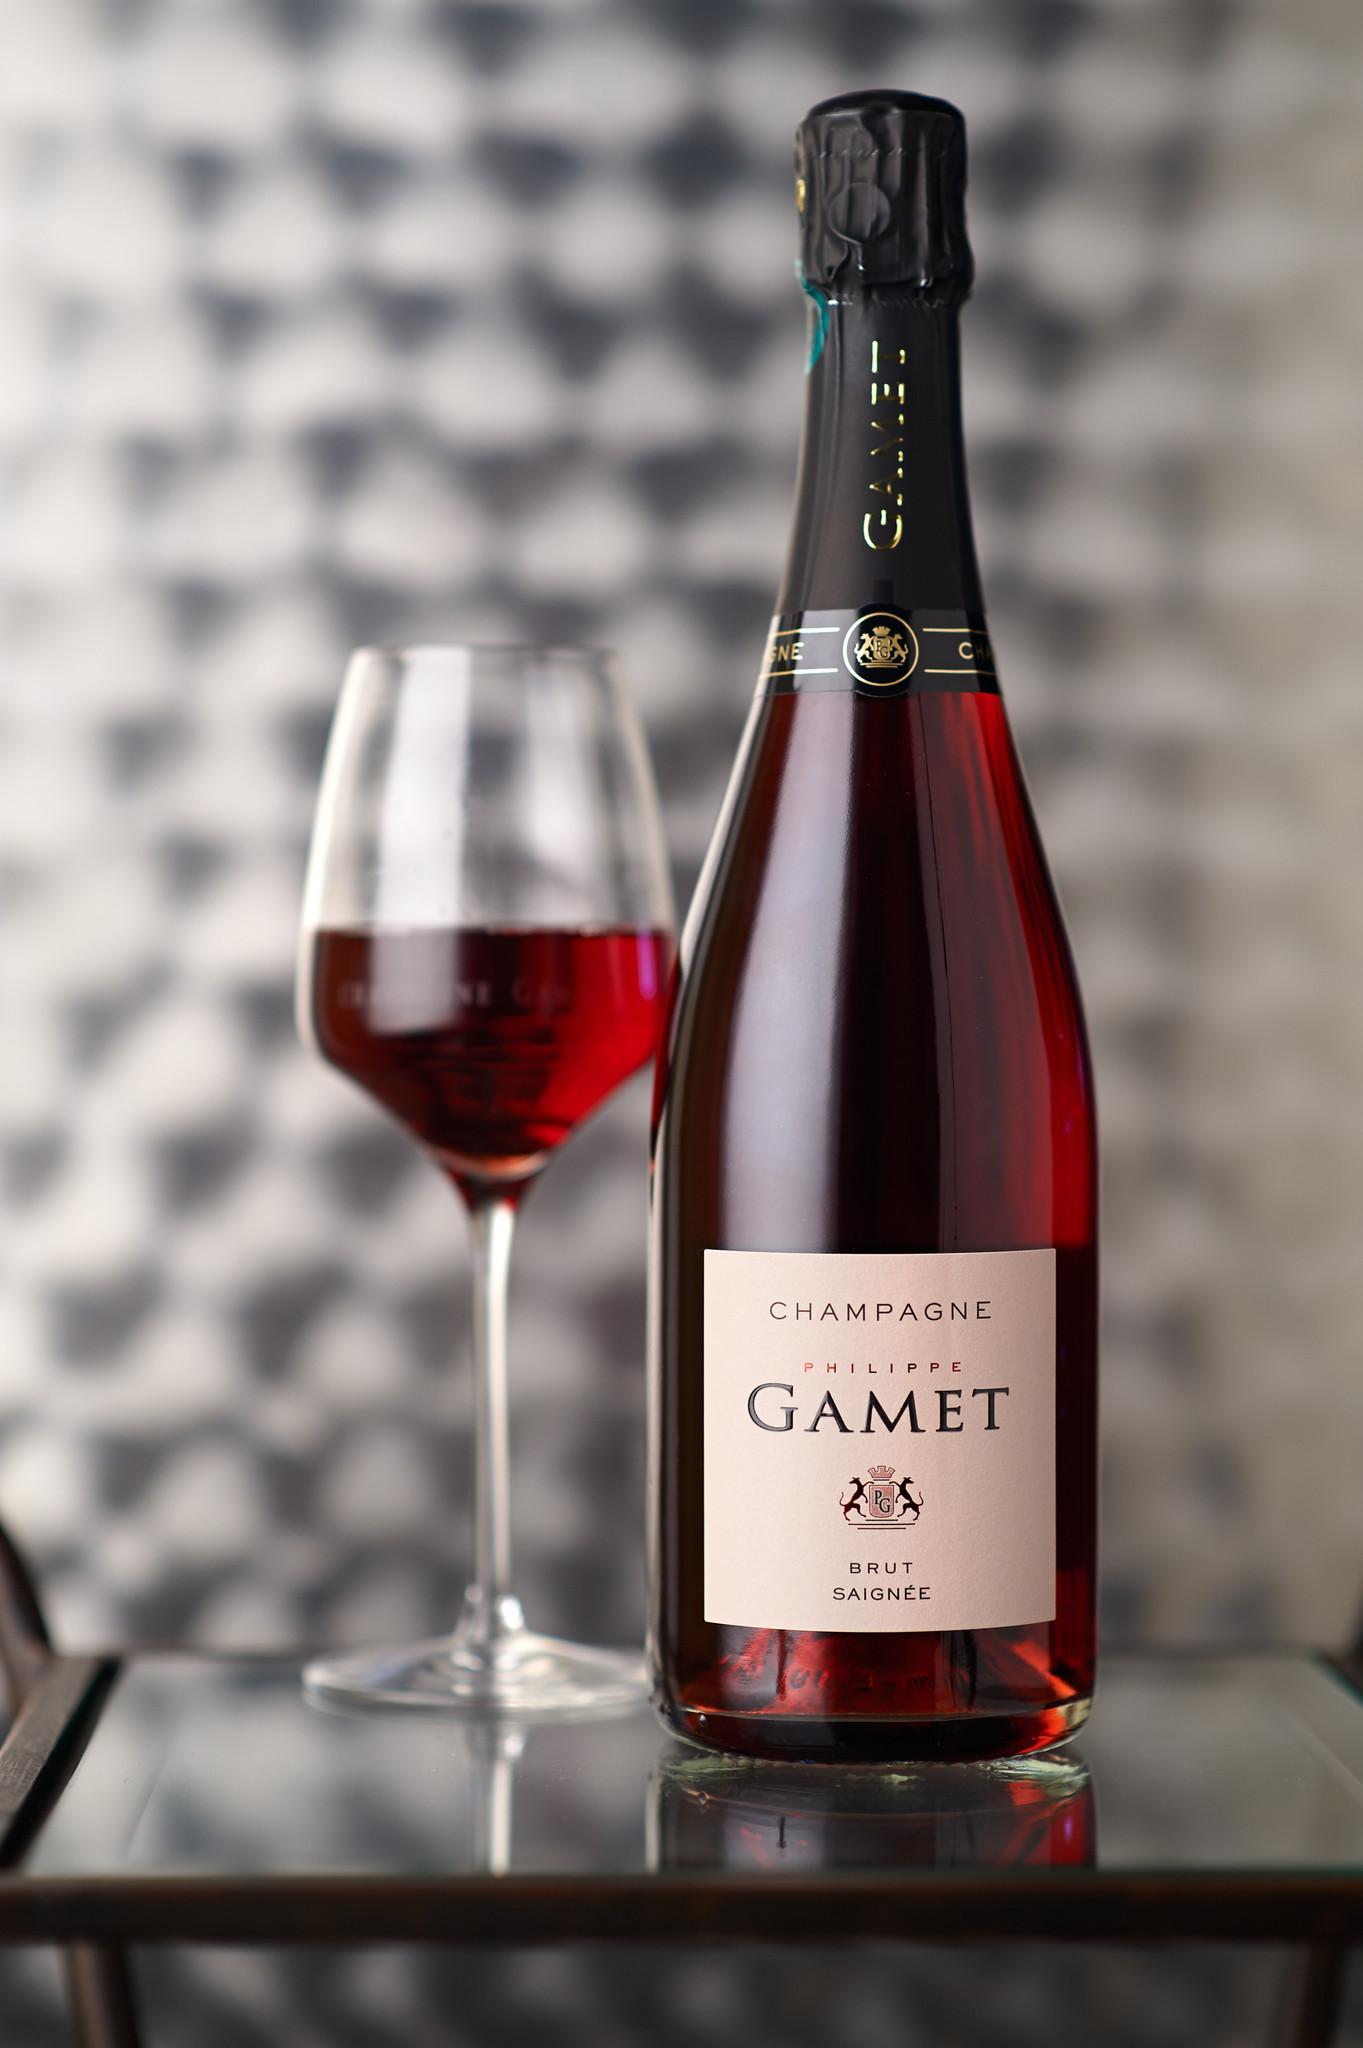 Champagne Philippe Gamet- Brut rosé de saignée